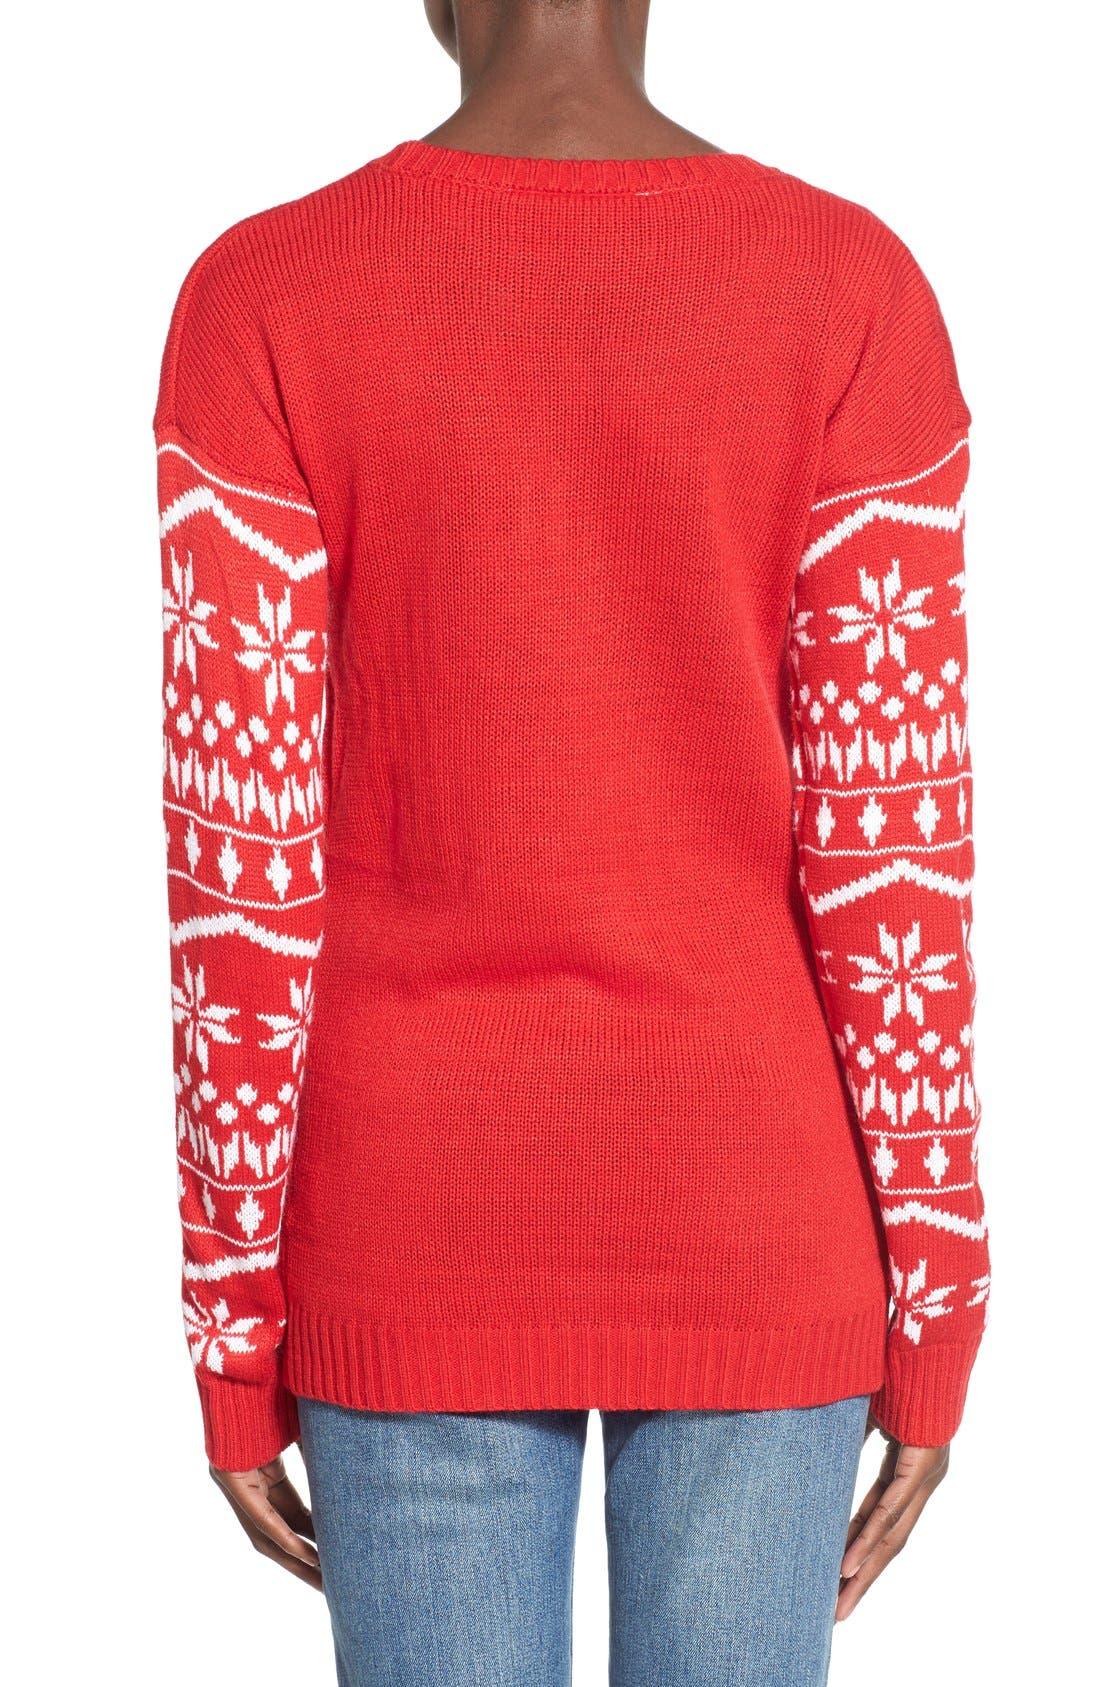 Alternate Image 2  - Derek Heart Tree Ornament Christmas Sweater